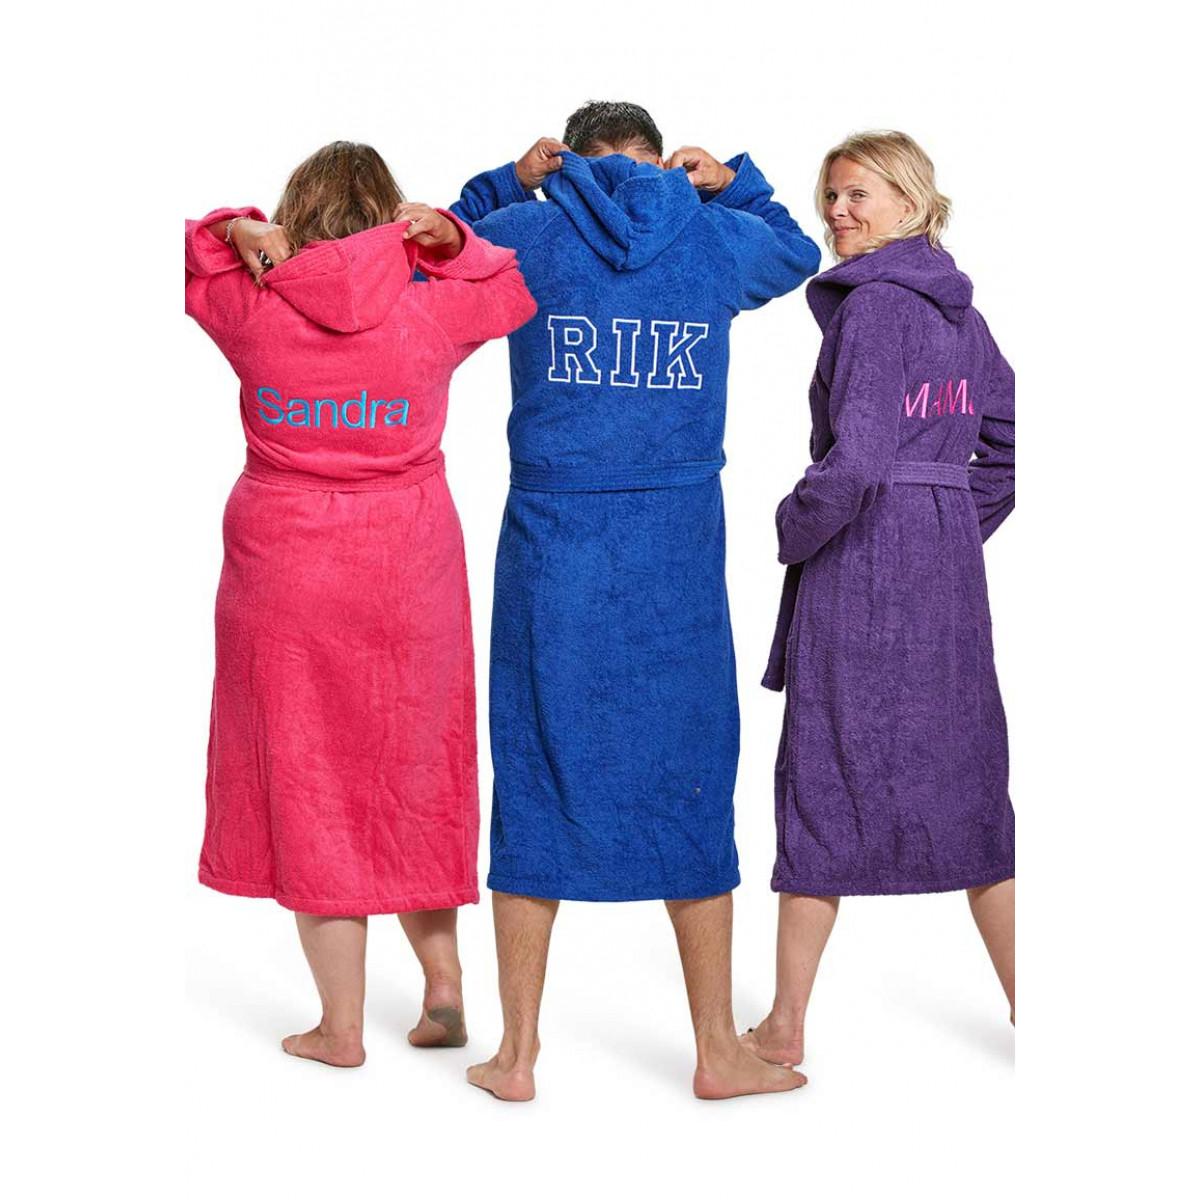 badjassen met borduring